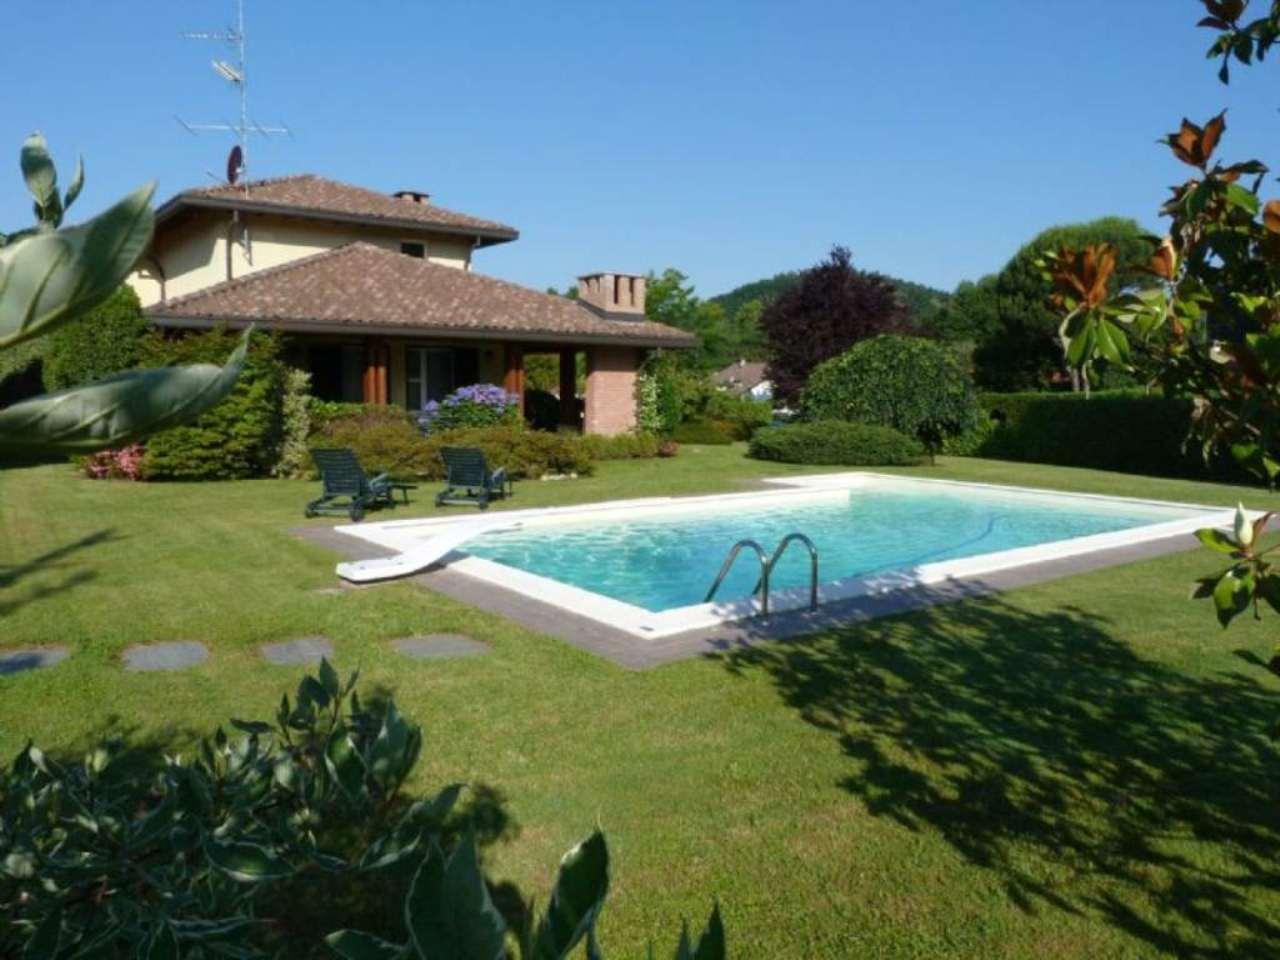 Villa in vendita a Como, 16 locali, zona Zona: 9 . Monte Olimpino - Sagnino - Tavernola, prezzo € 1.100.000 | Cambio Casa.it